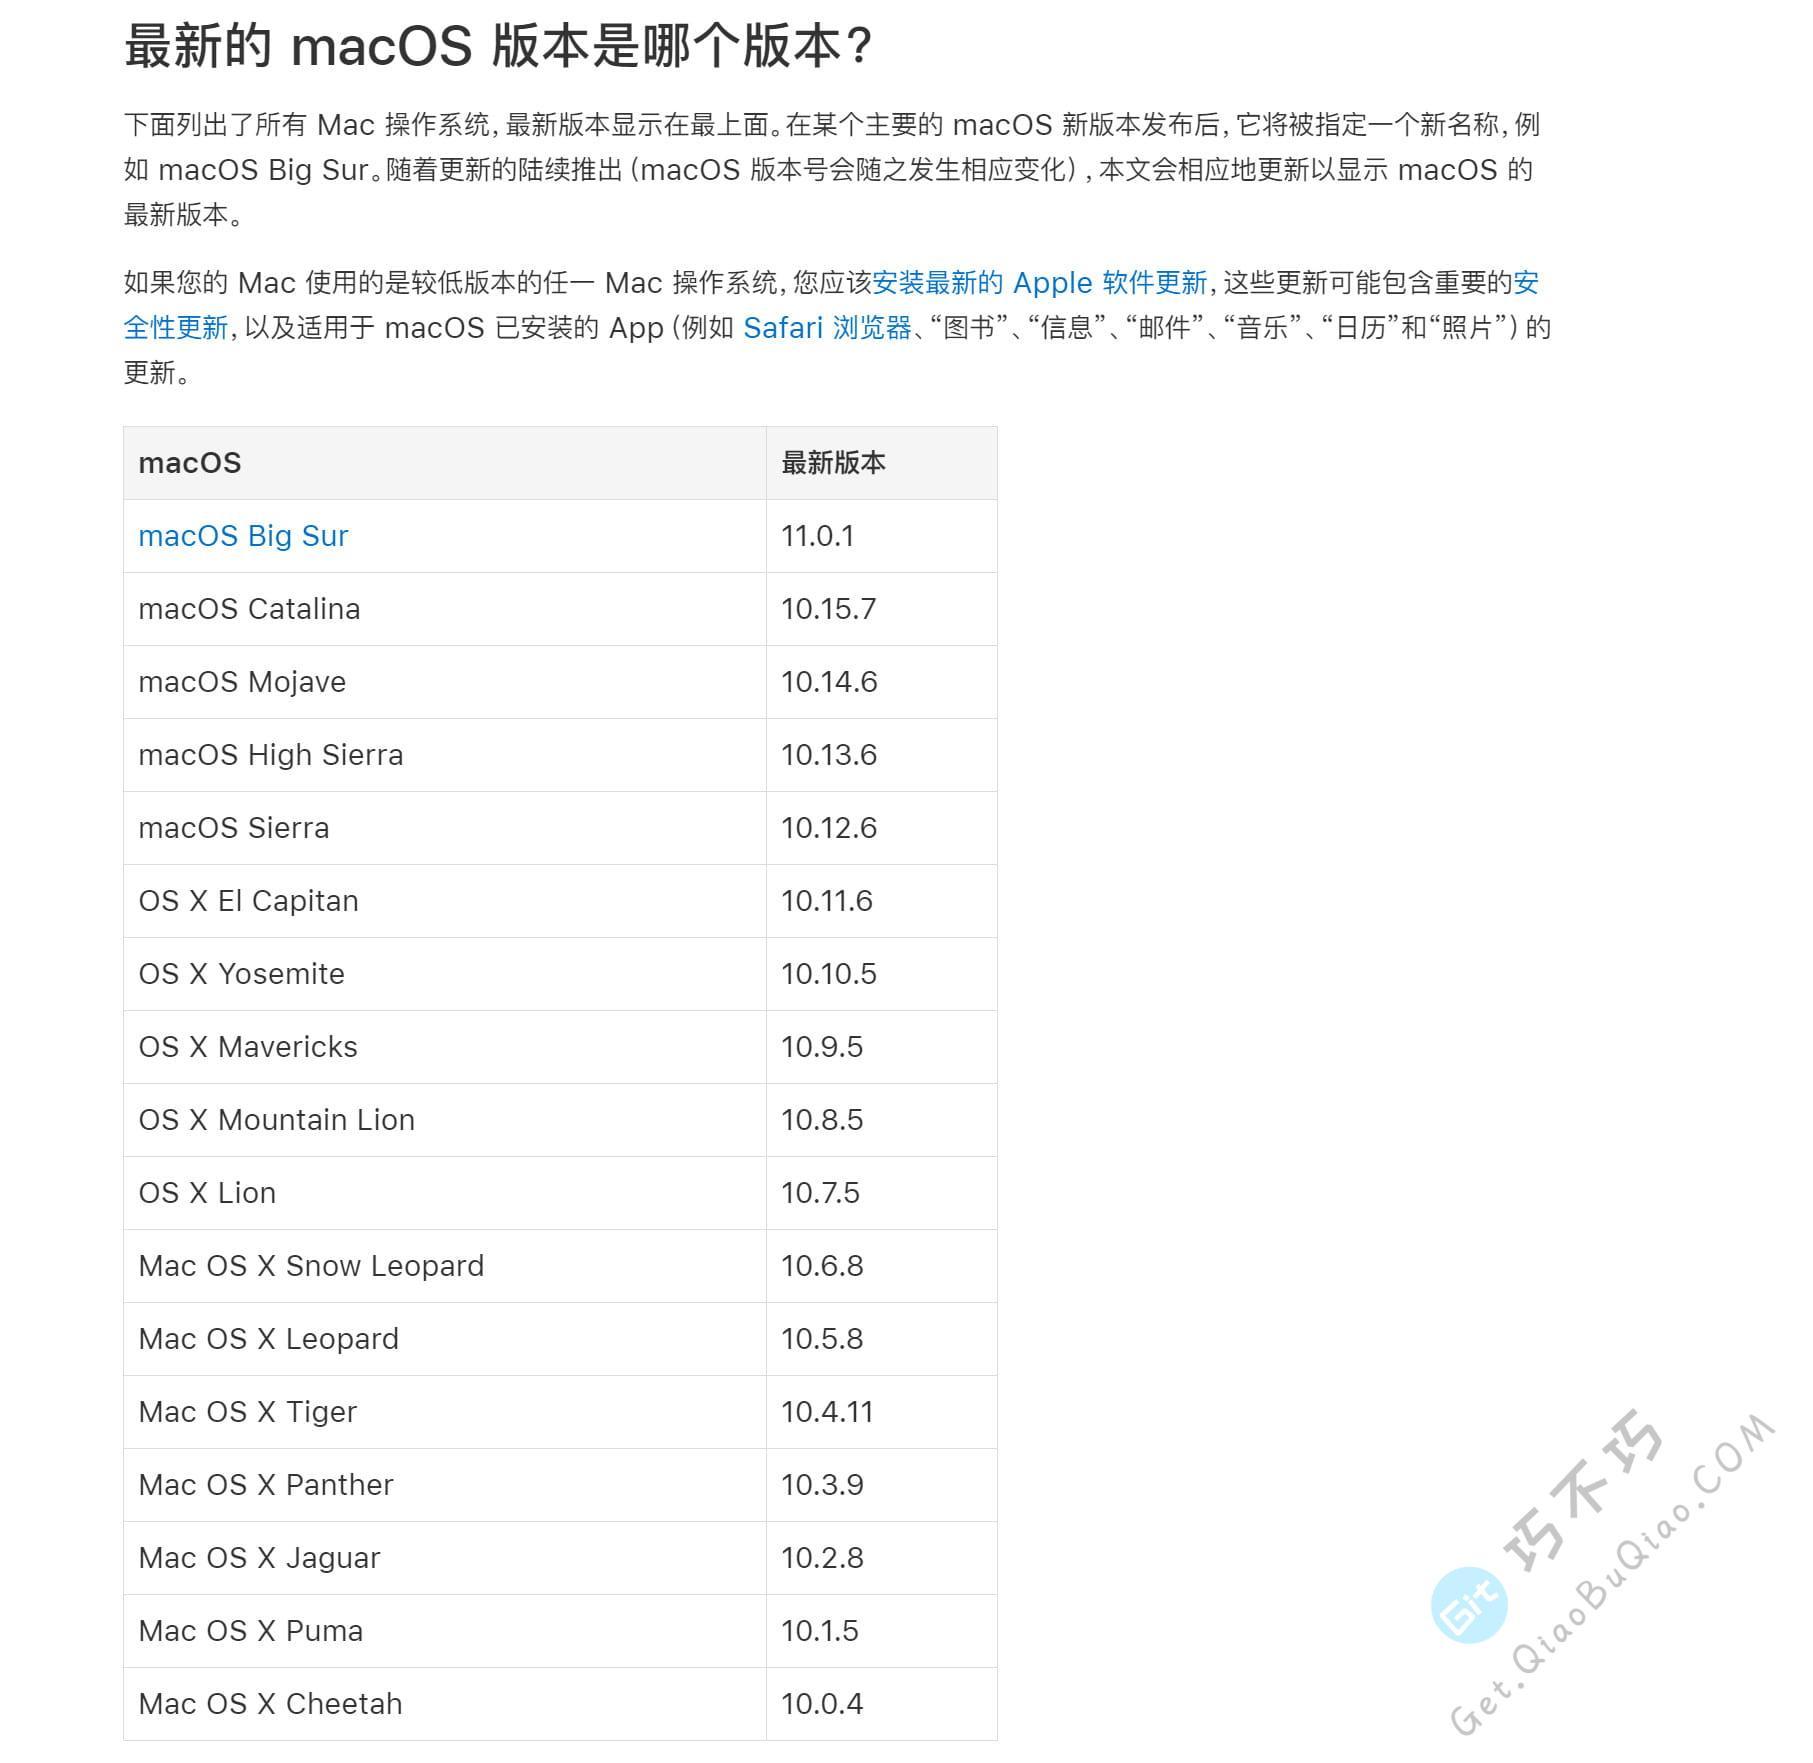 下载苹果MacOS系统,如何知道目前最新版本是哪一个,如何找到ISO、DMG镜像